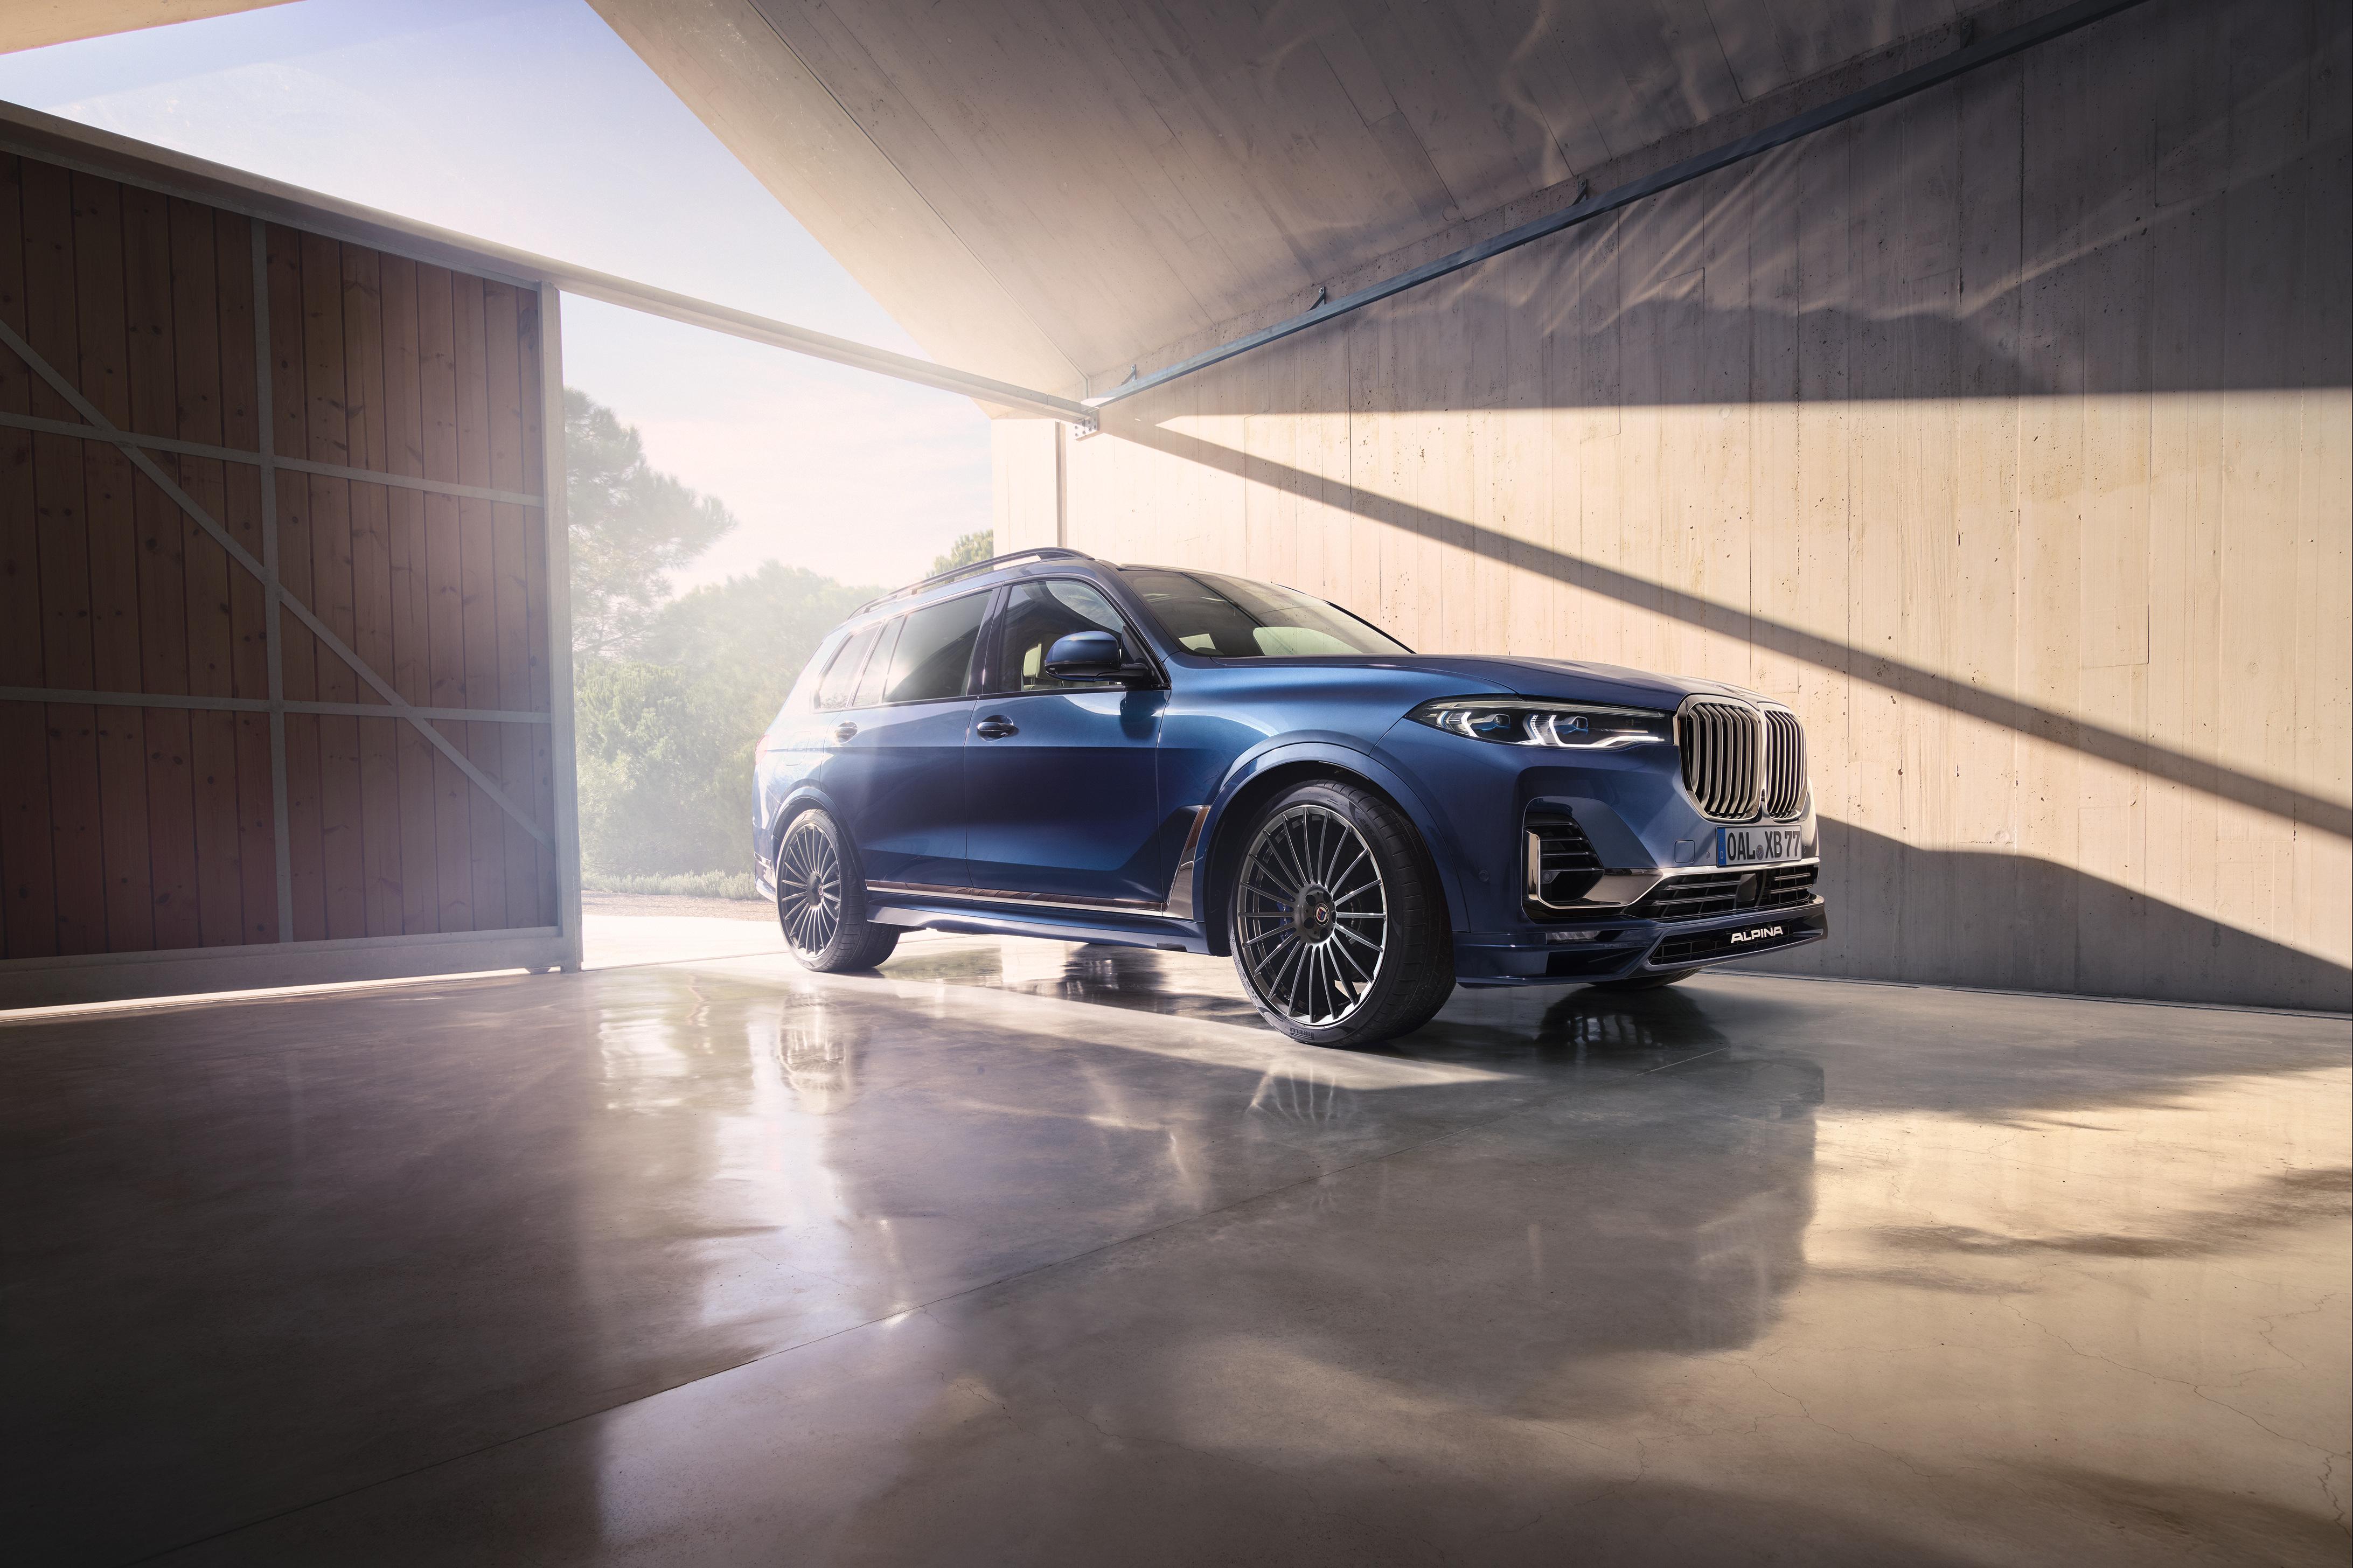 Обои для рабочего стола BMW Кроссовер 2020 Alpina XB7 Worldwide синяя Автомобили 4368x2911 БМВ CUV Синий синие синих авто машины машина автомобиль